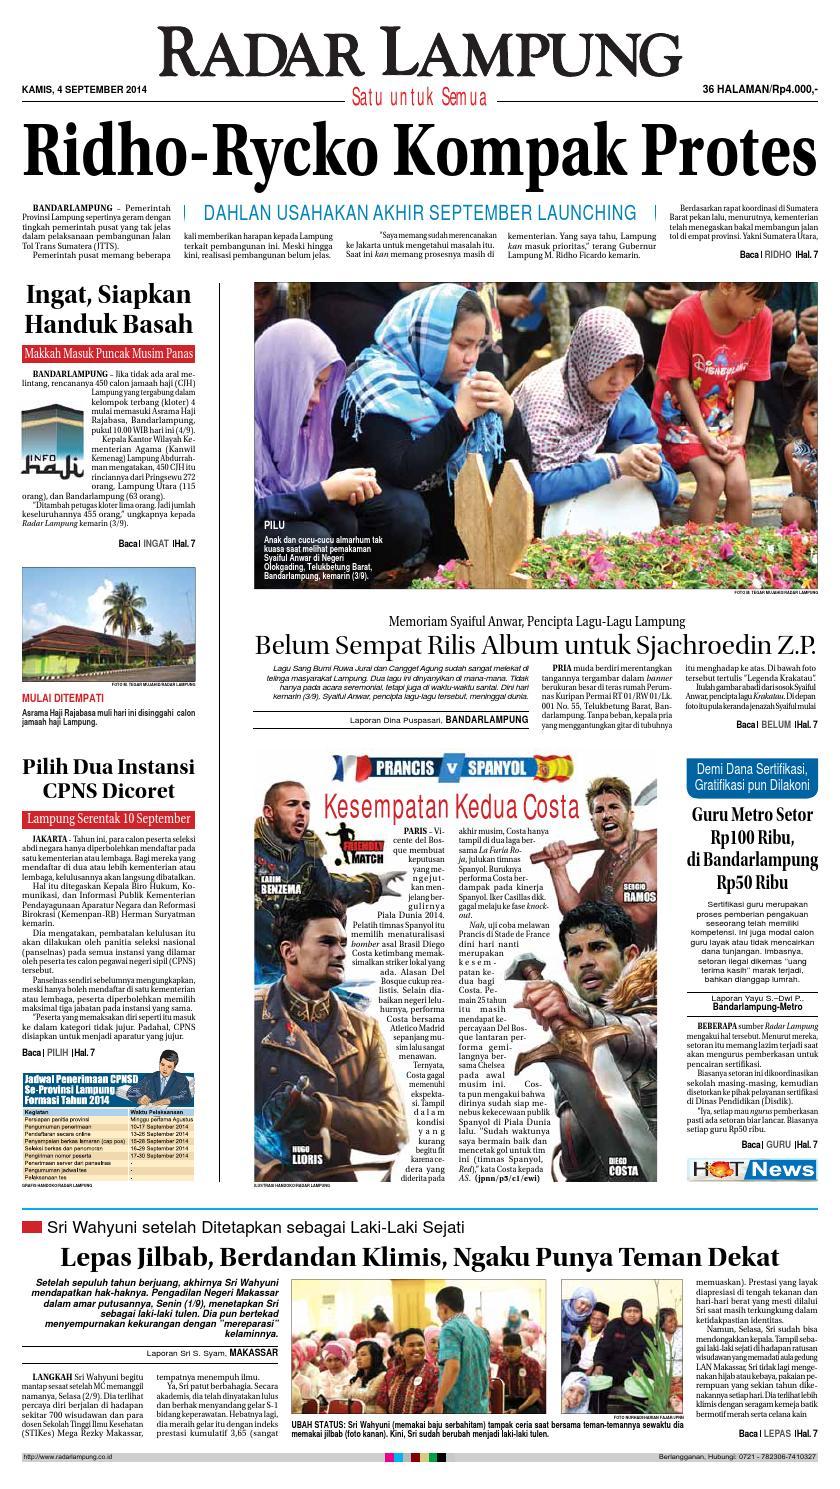 Radar Lampung Kamis 4 September 2014 By Ayep Kancee Issuu Penutup Toilet Duduk Otomatis Izen Ib 450